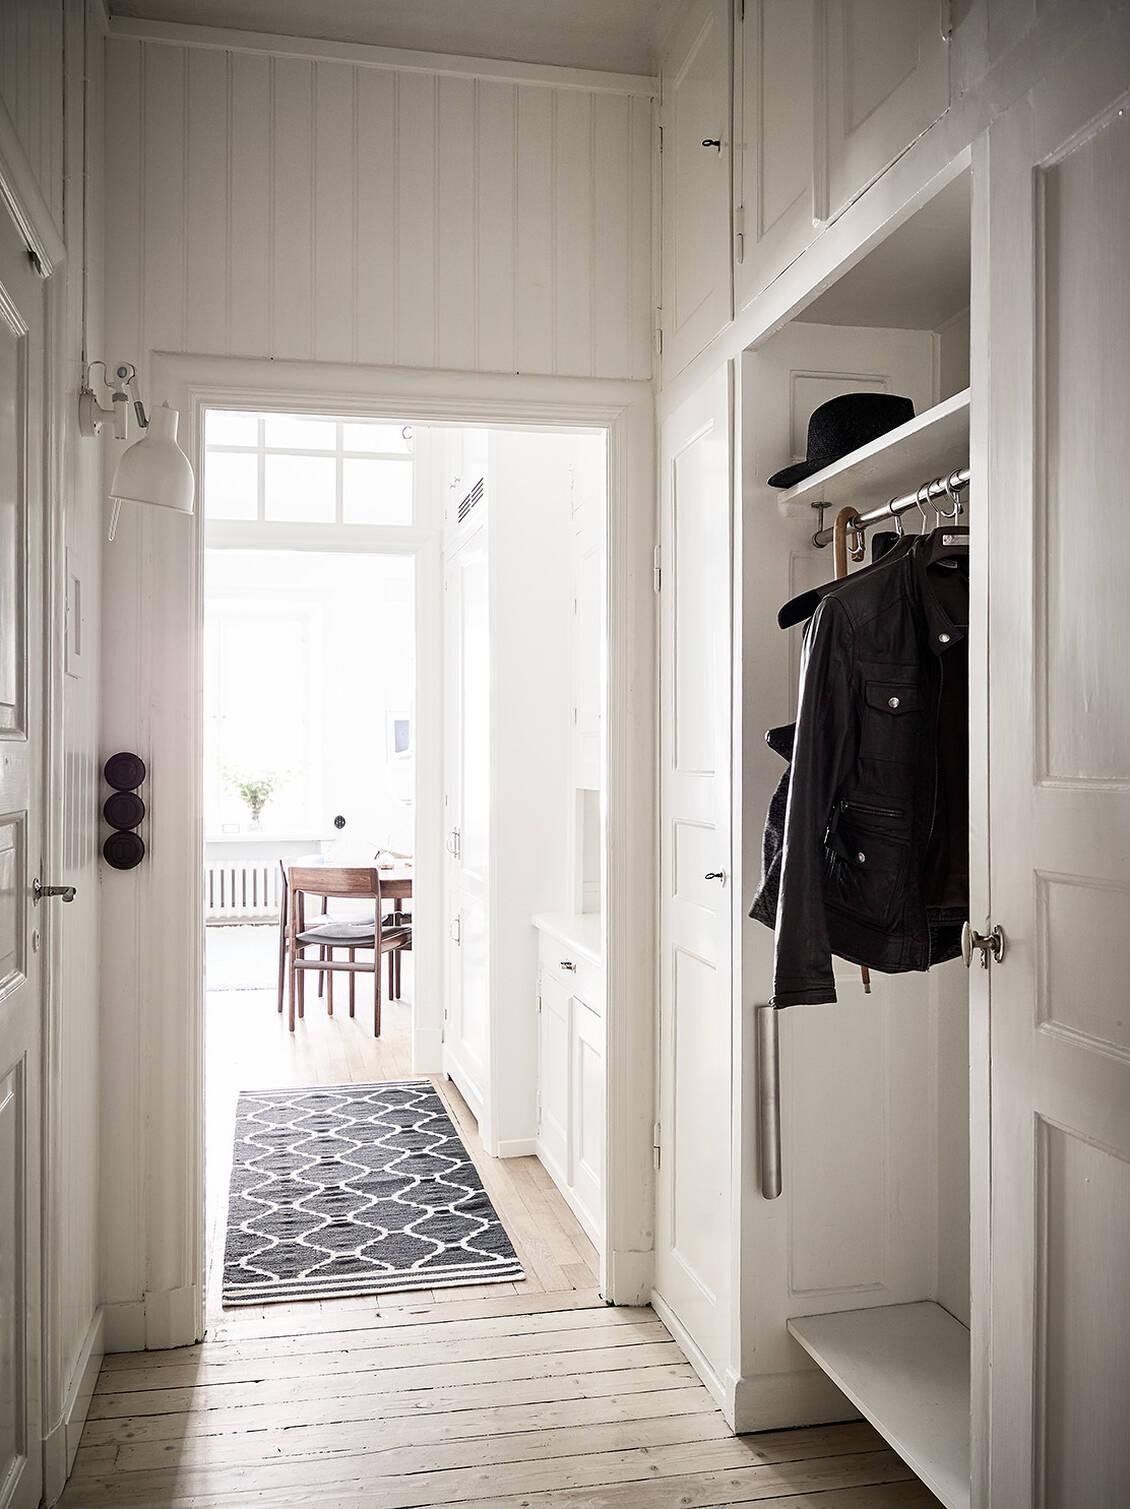 Hallen har besökskamera, och ytterdörren är en säkerhetsdörr i tidsenlig stil.